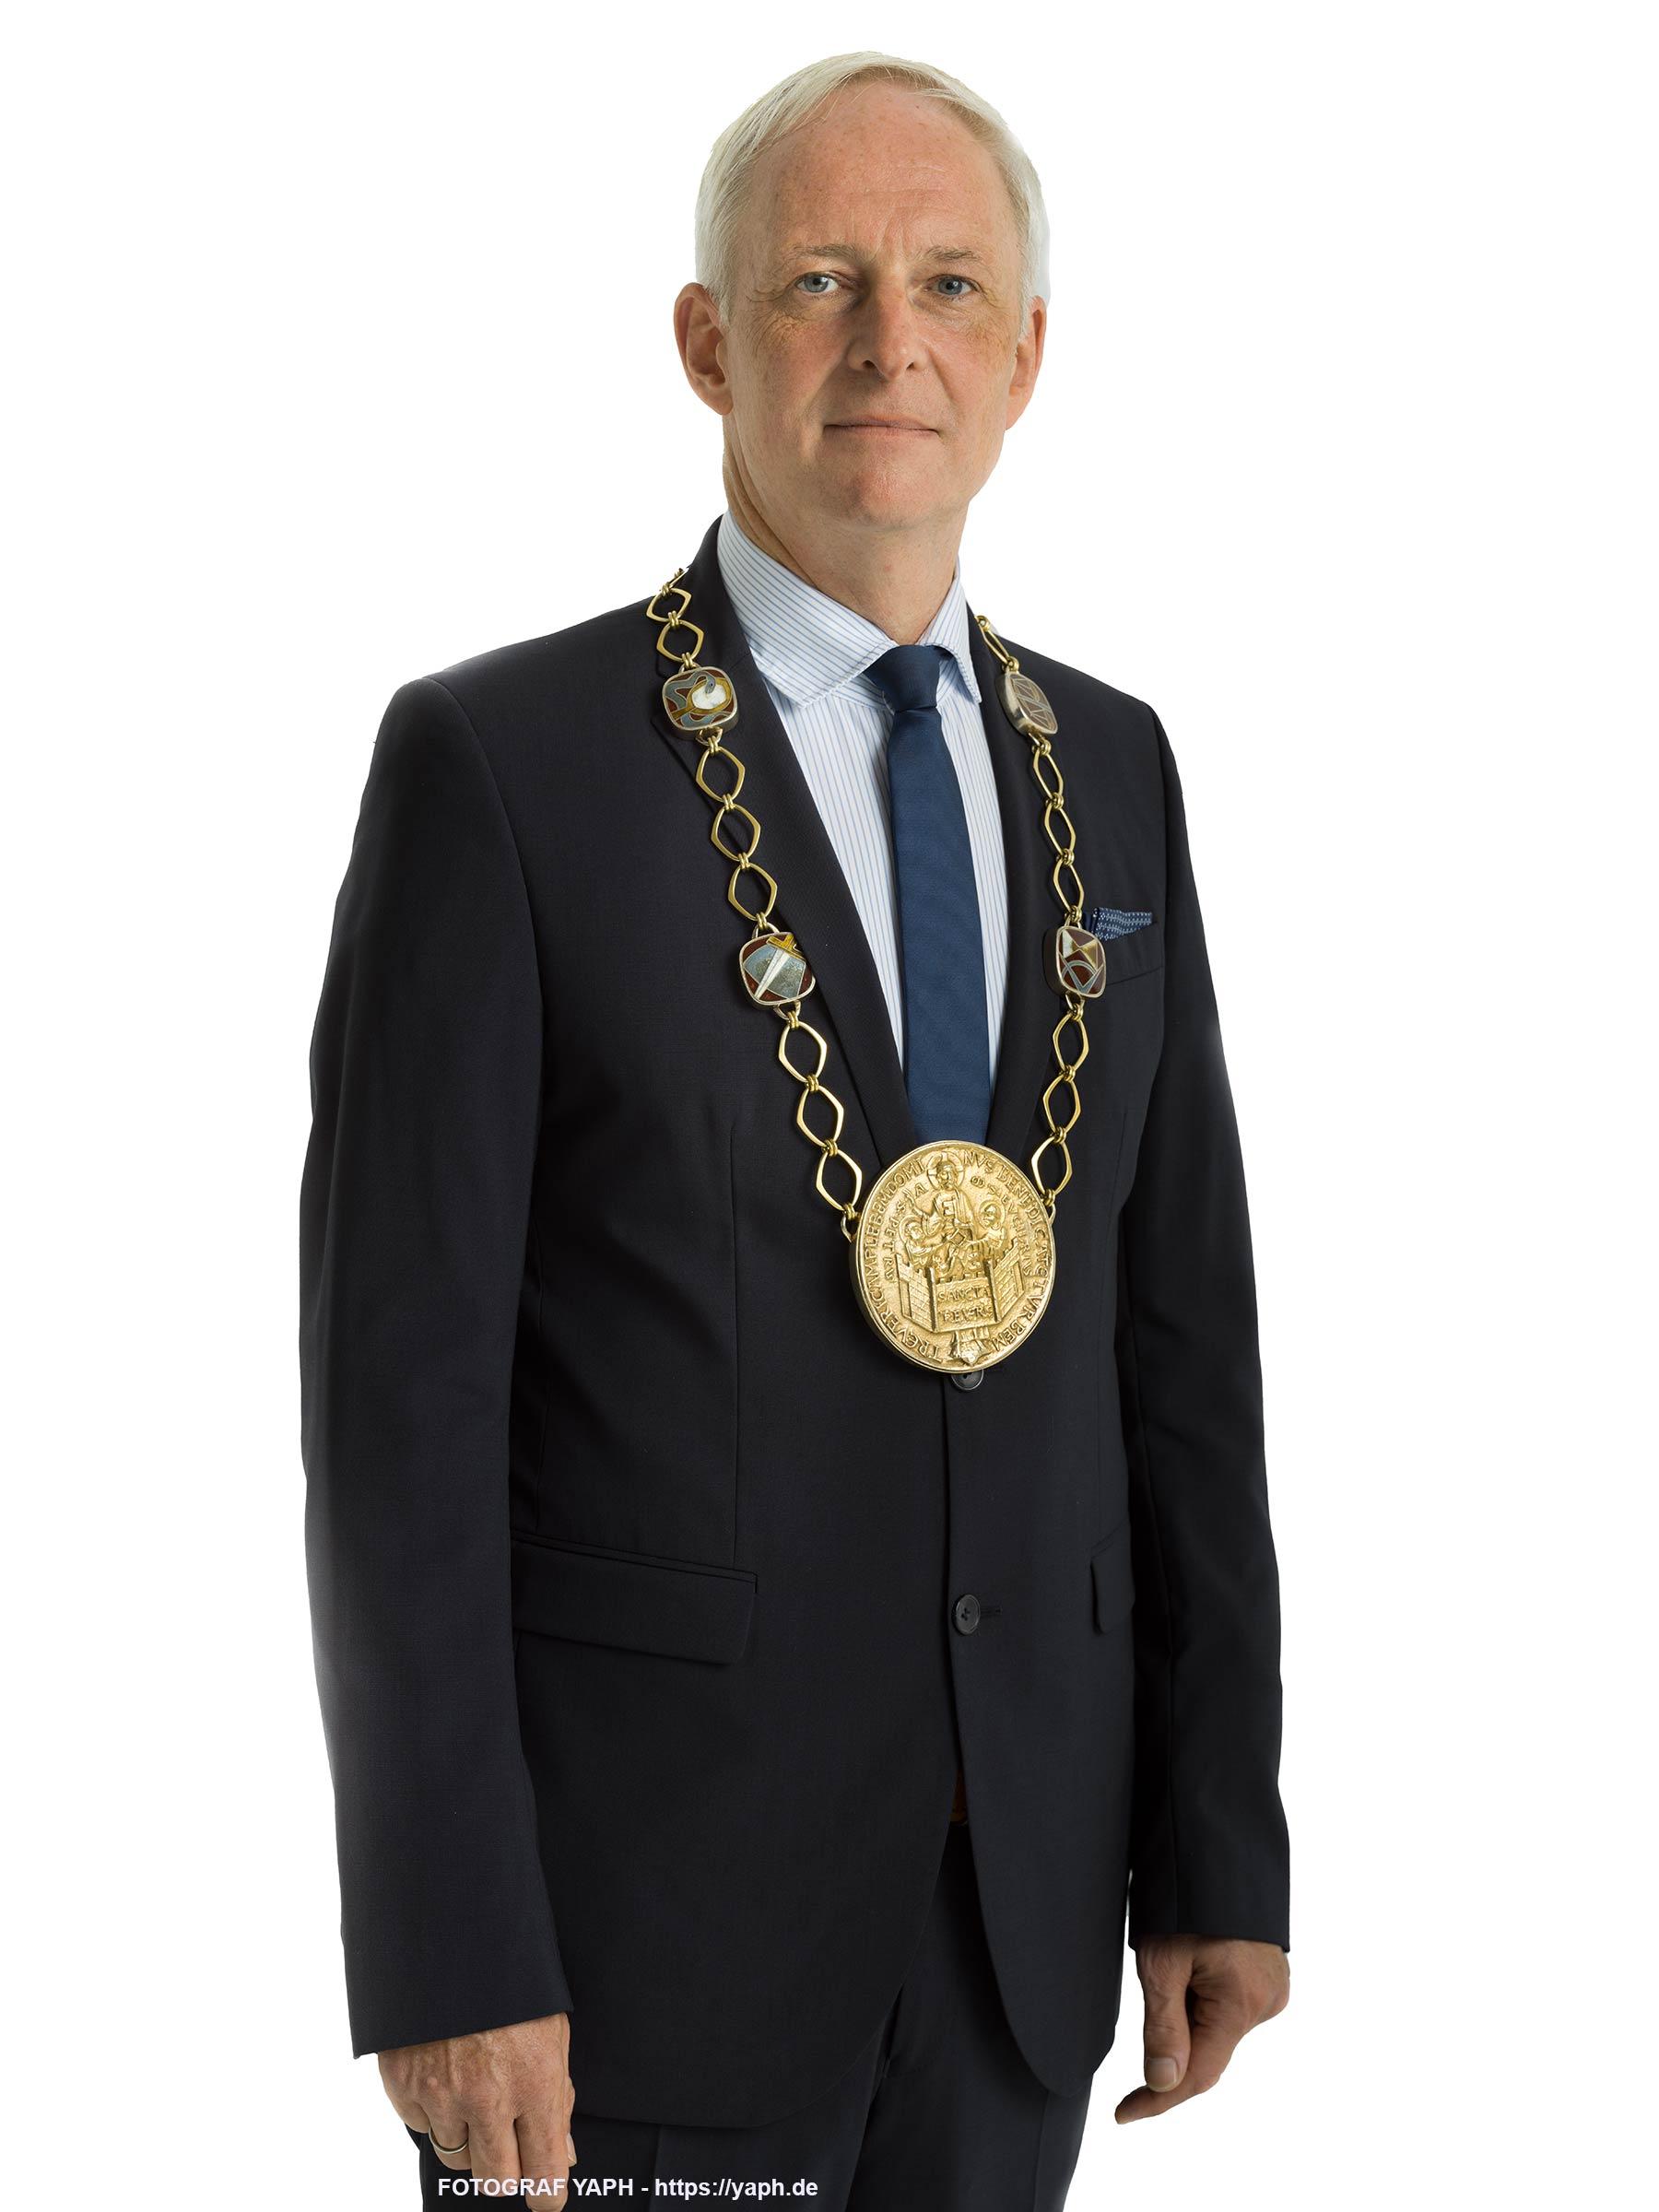 Wolfram Leibe Oberbürgermeister der Stadt Trier - Portraitfotografie bei Yaph